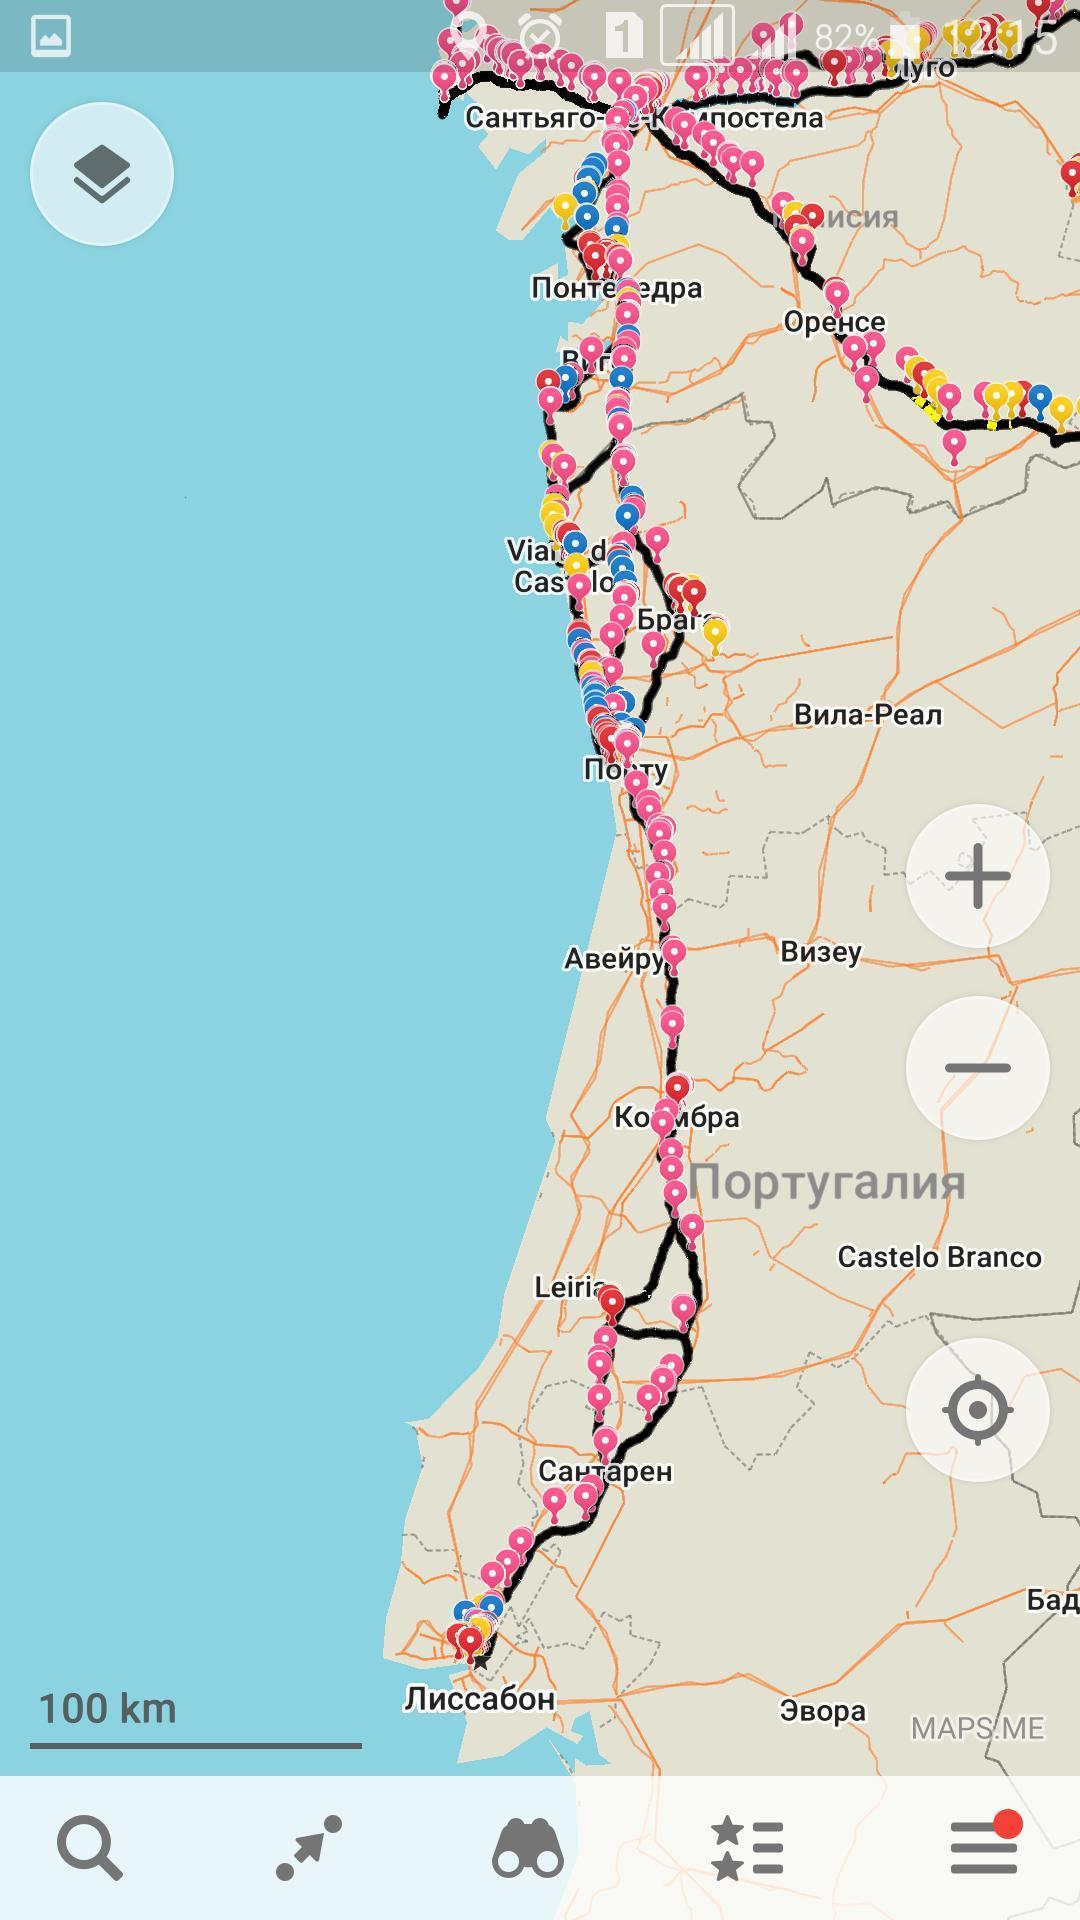 Camino Portugues - Португальский путь береговой маршрут